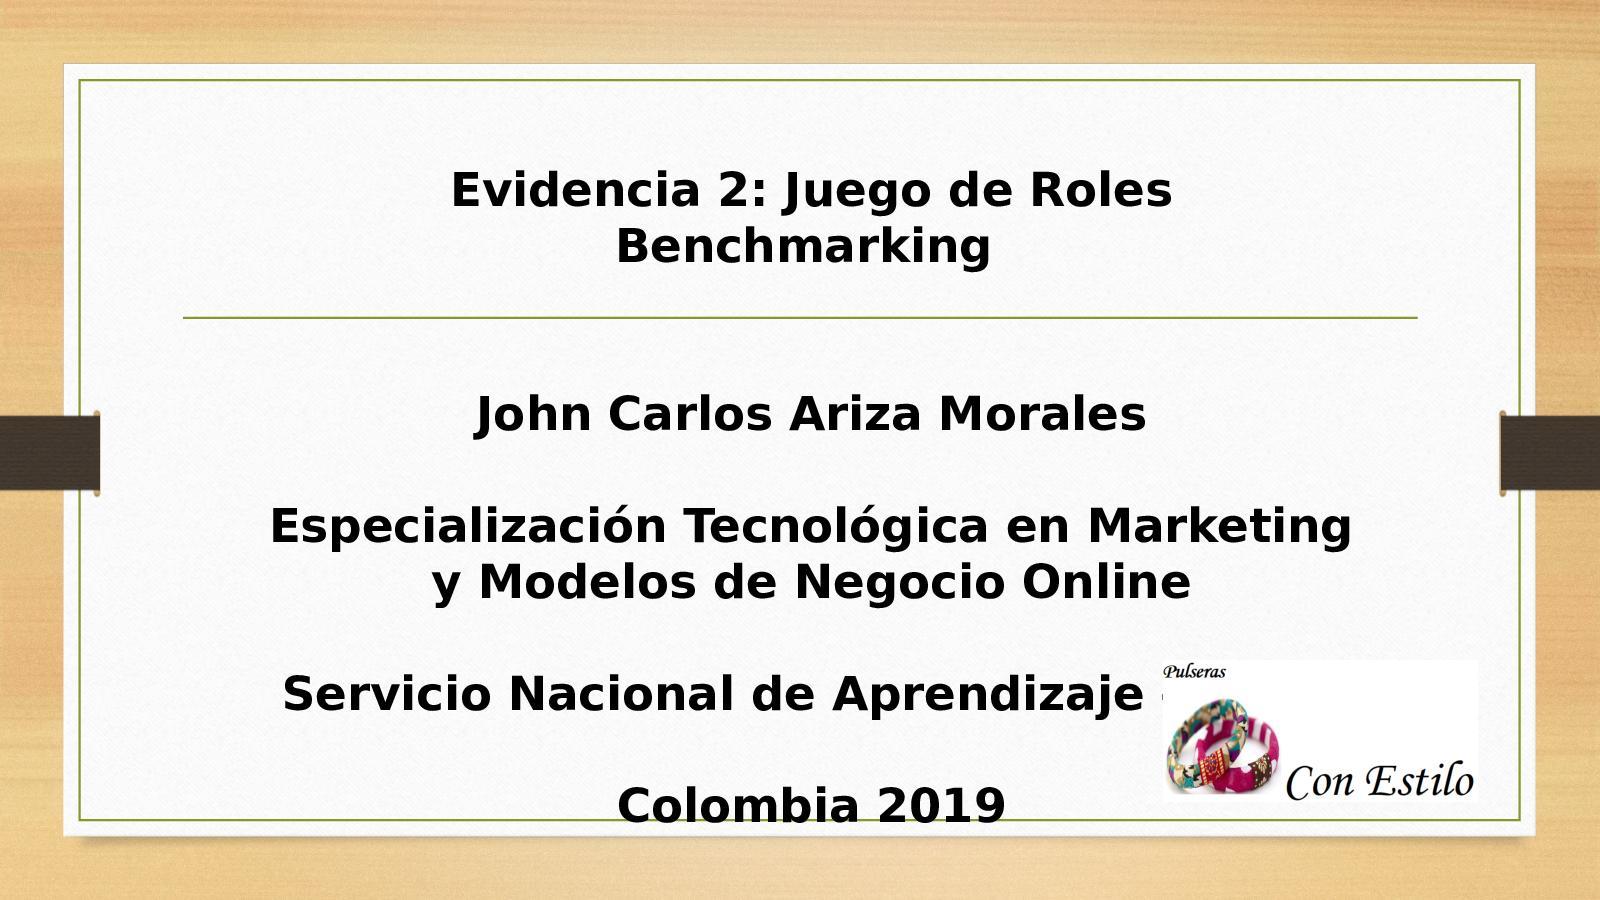 Calaméo Evidencia 2 Juego De Roles Benchmarking